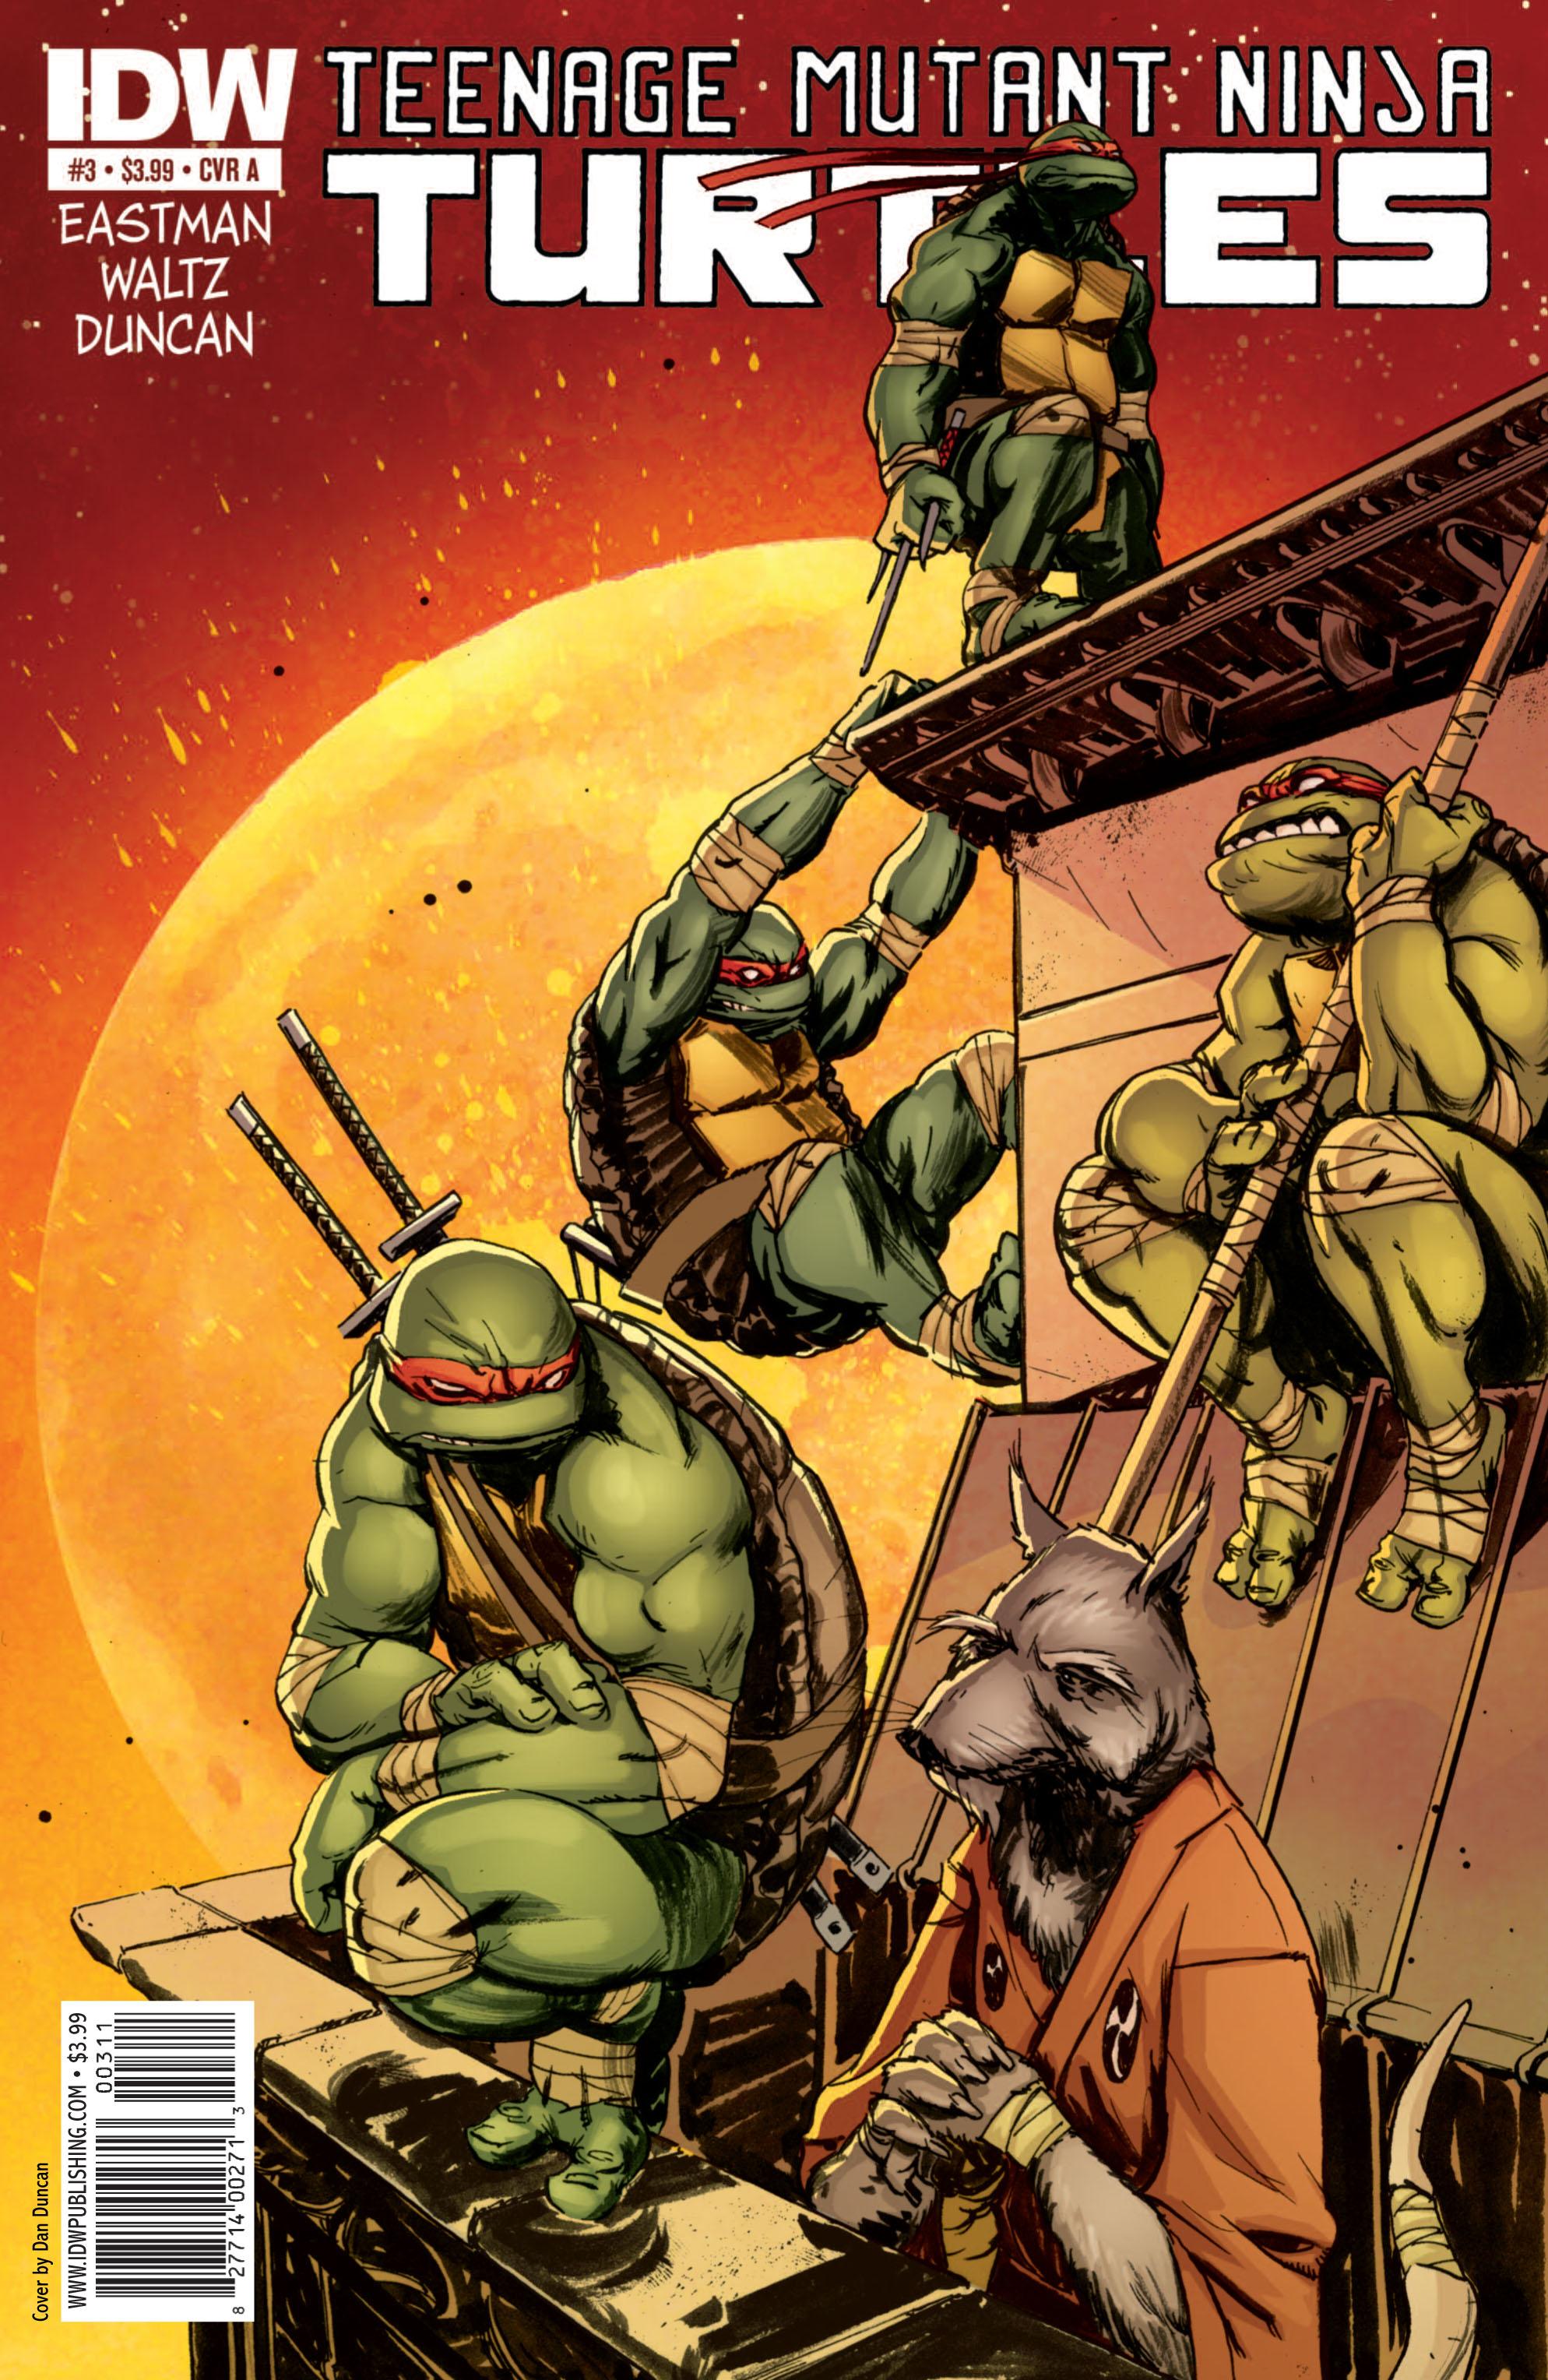 Teenage Mutant Ninja Turtles (2011) issue 3 - Page 1